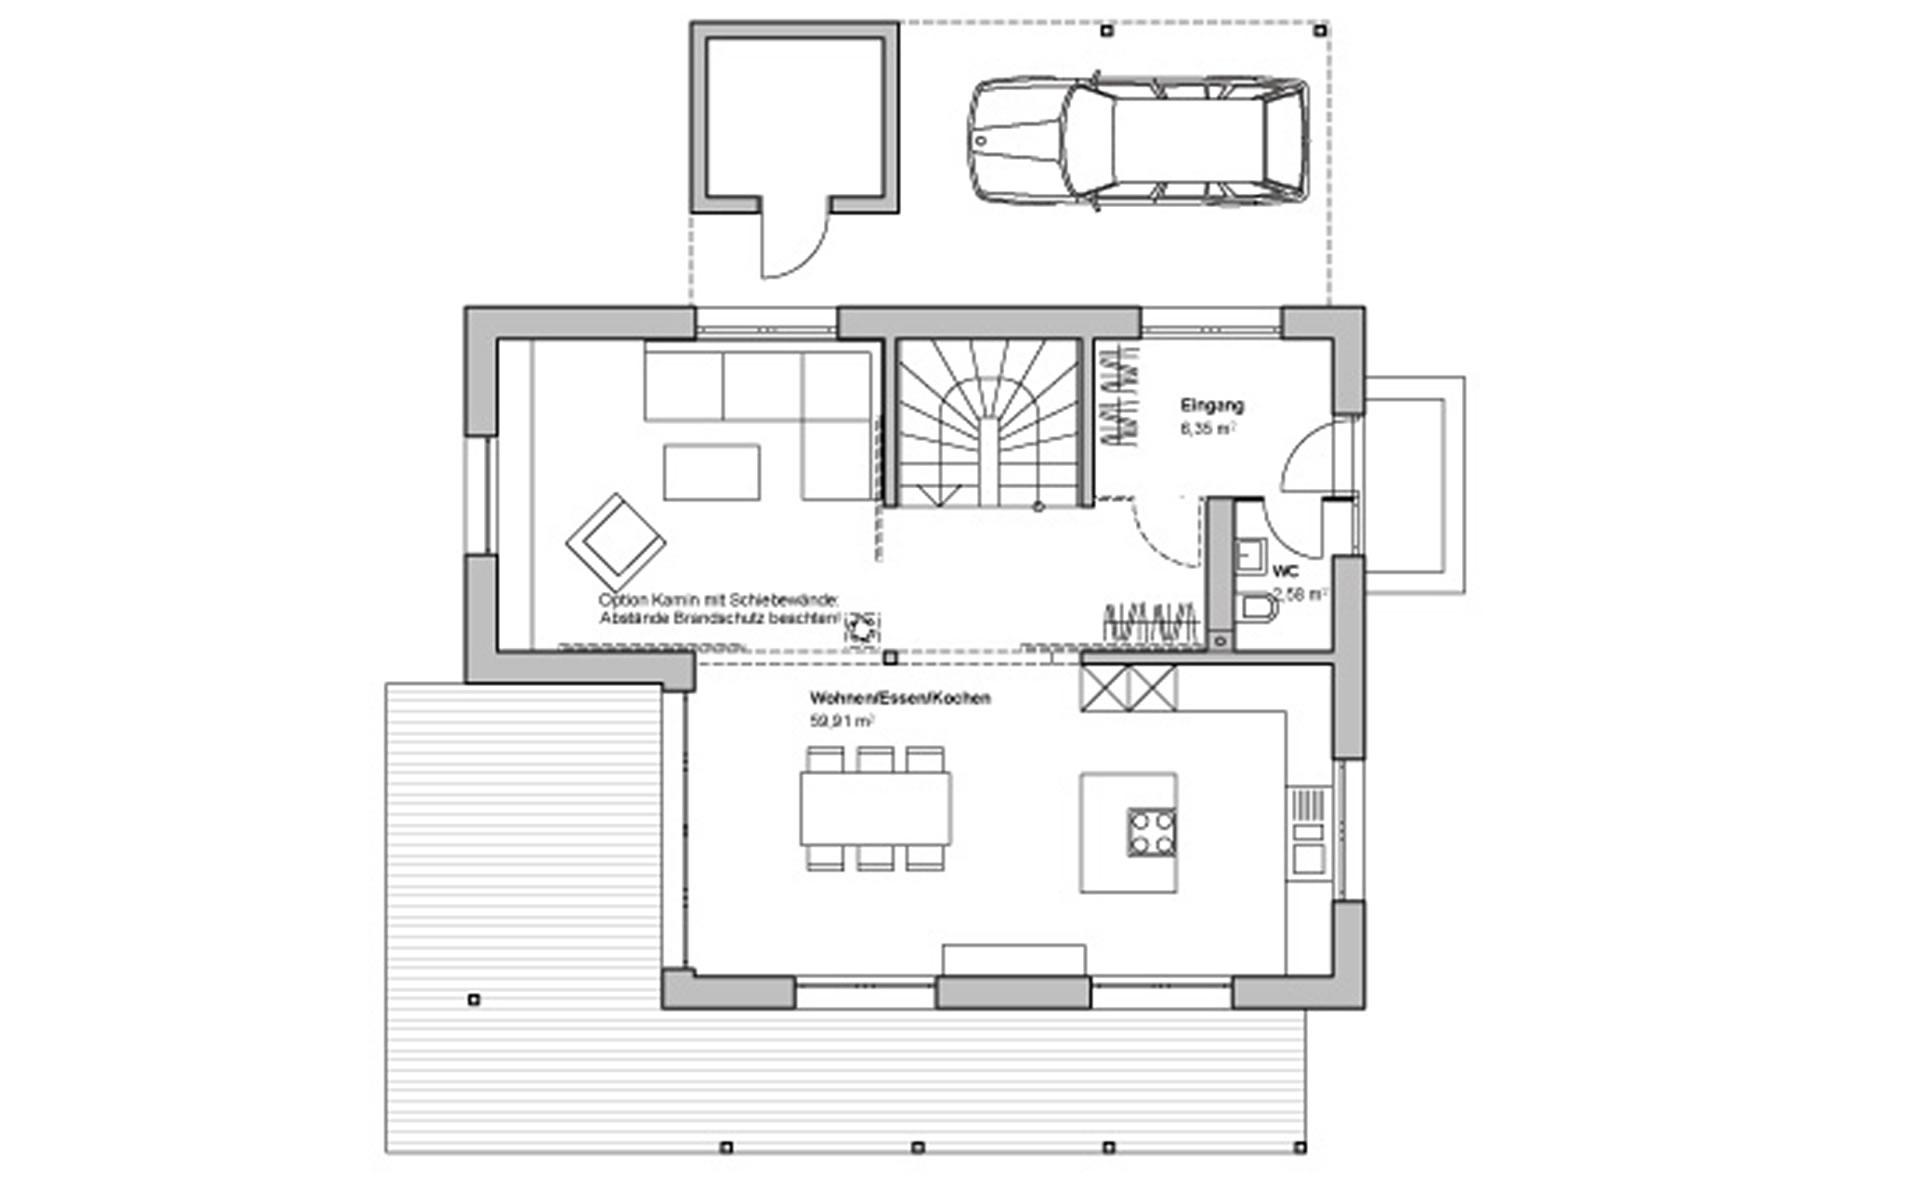 Erdgeschoss Edition Rot von Bau-Fritz GmbH & Co. KG, seit 1896